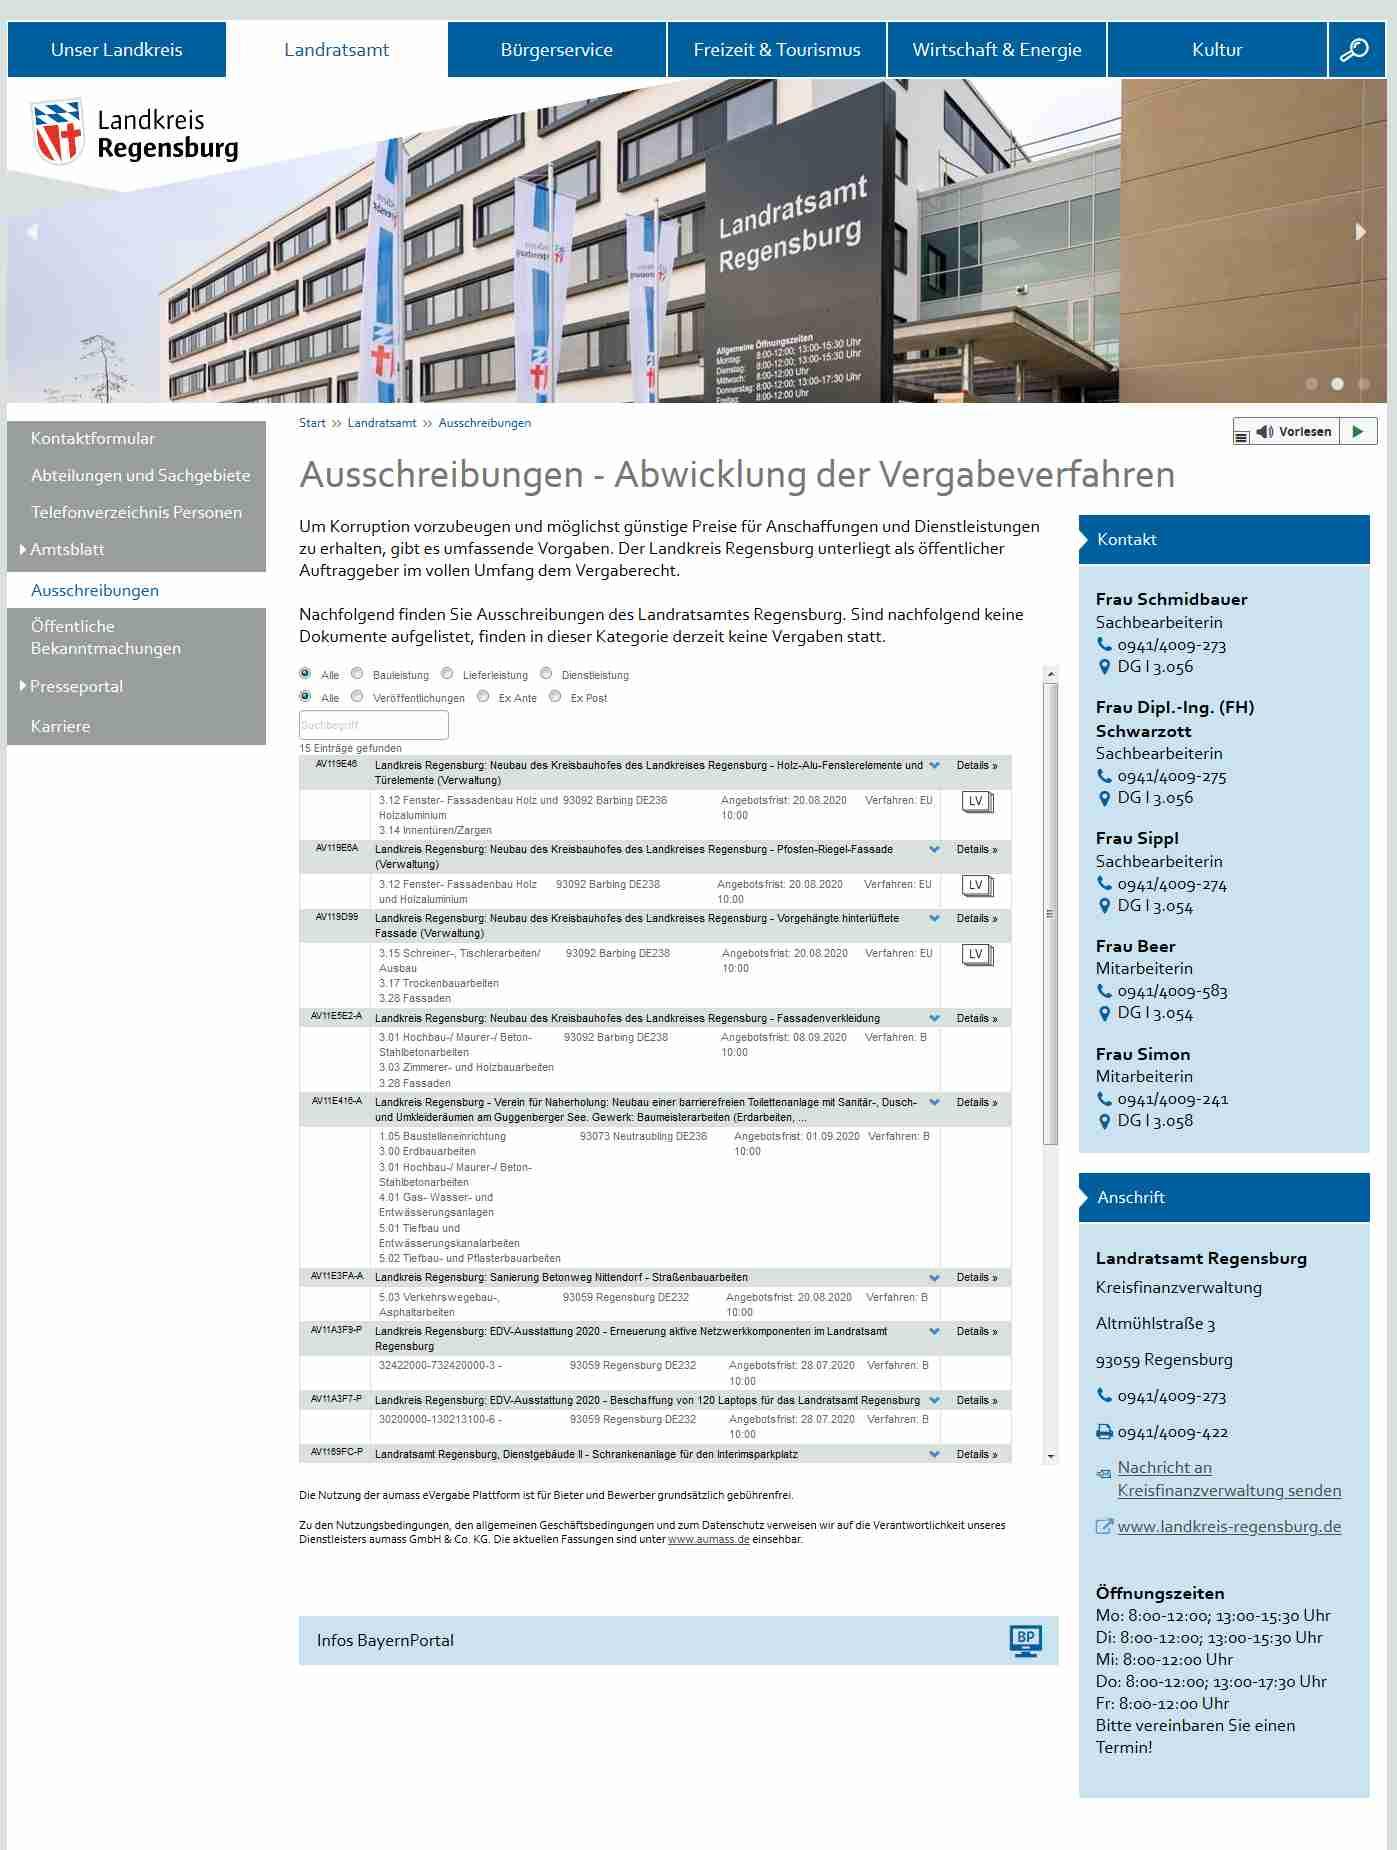 Webseite des Landkreises Regensburg mit Auschreibungen